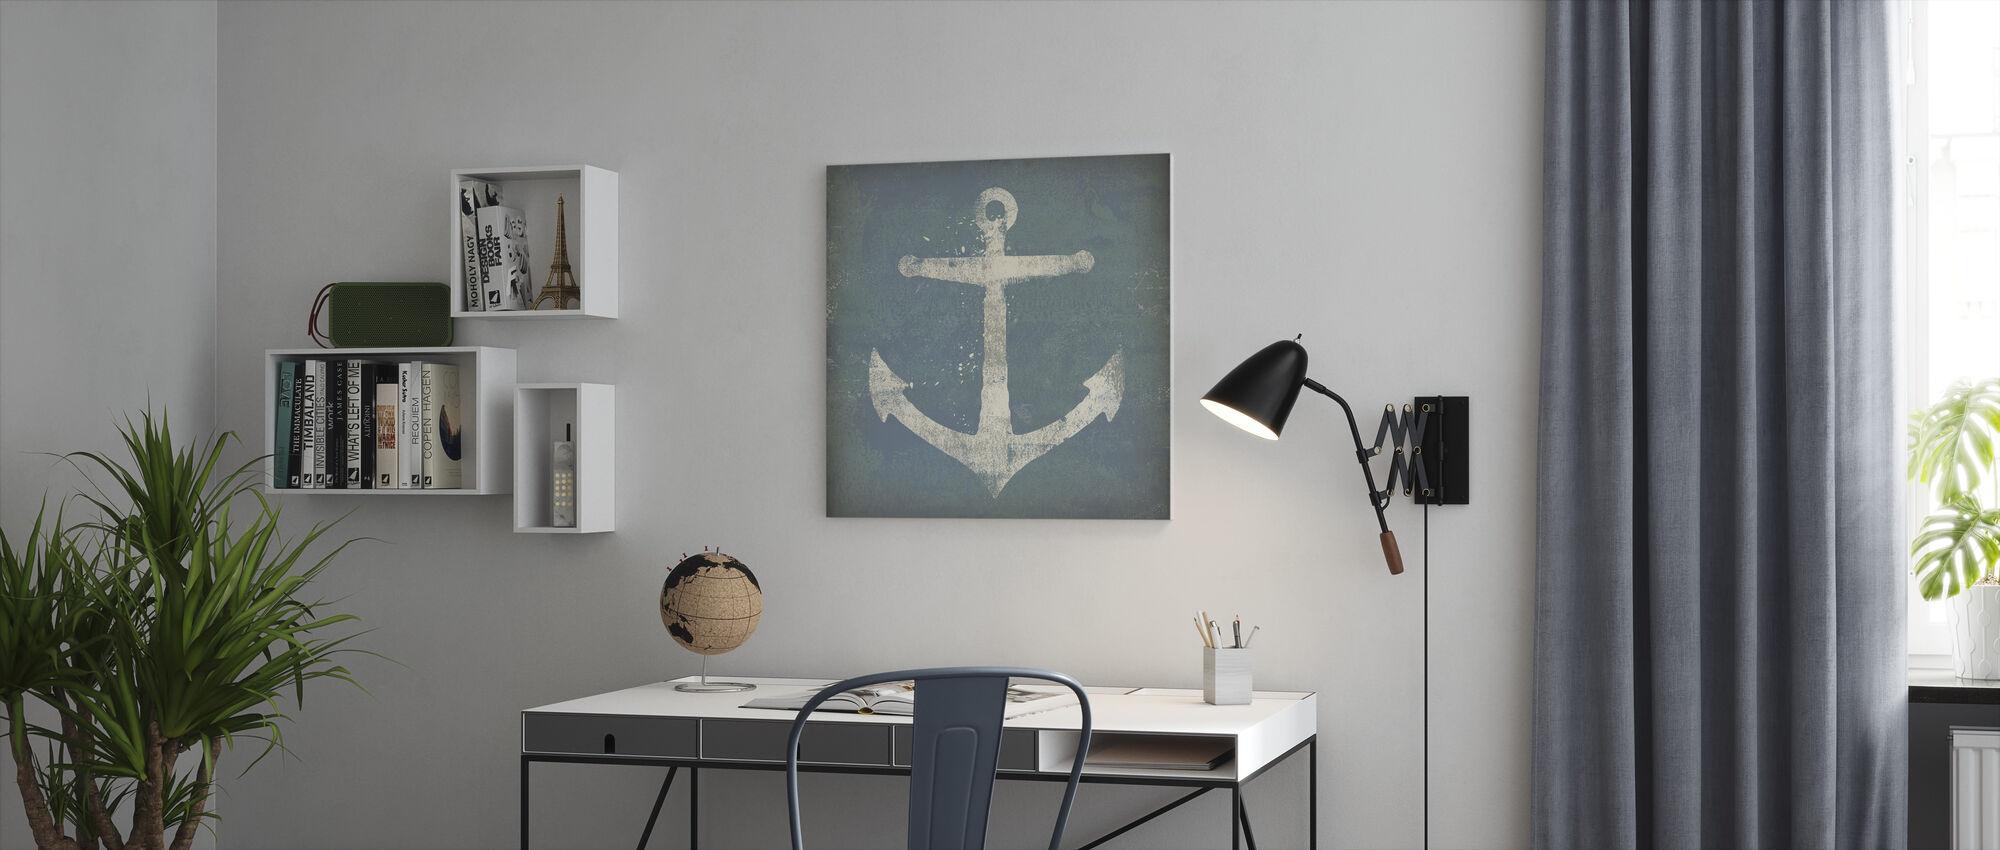 Anker Vierkant - Canvas print - Kantoor